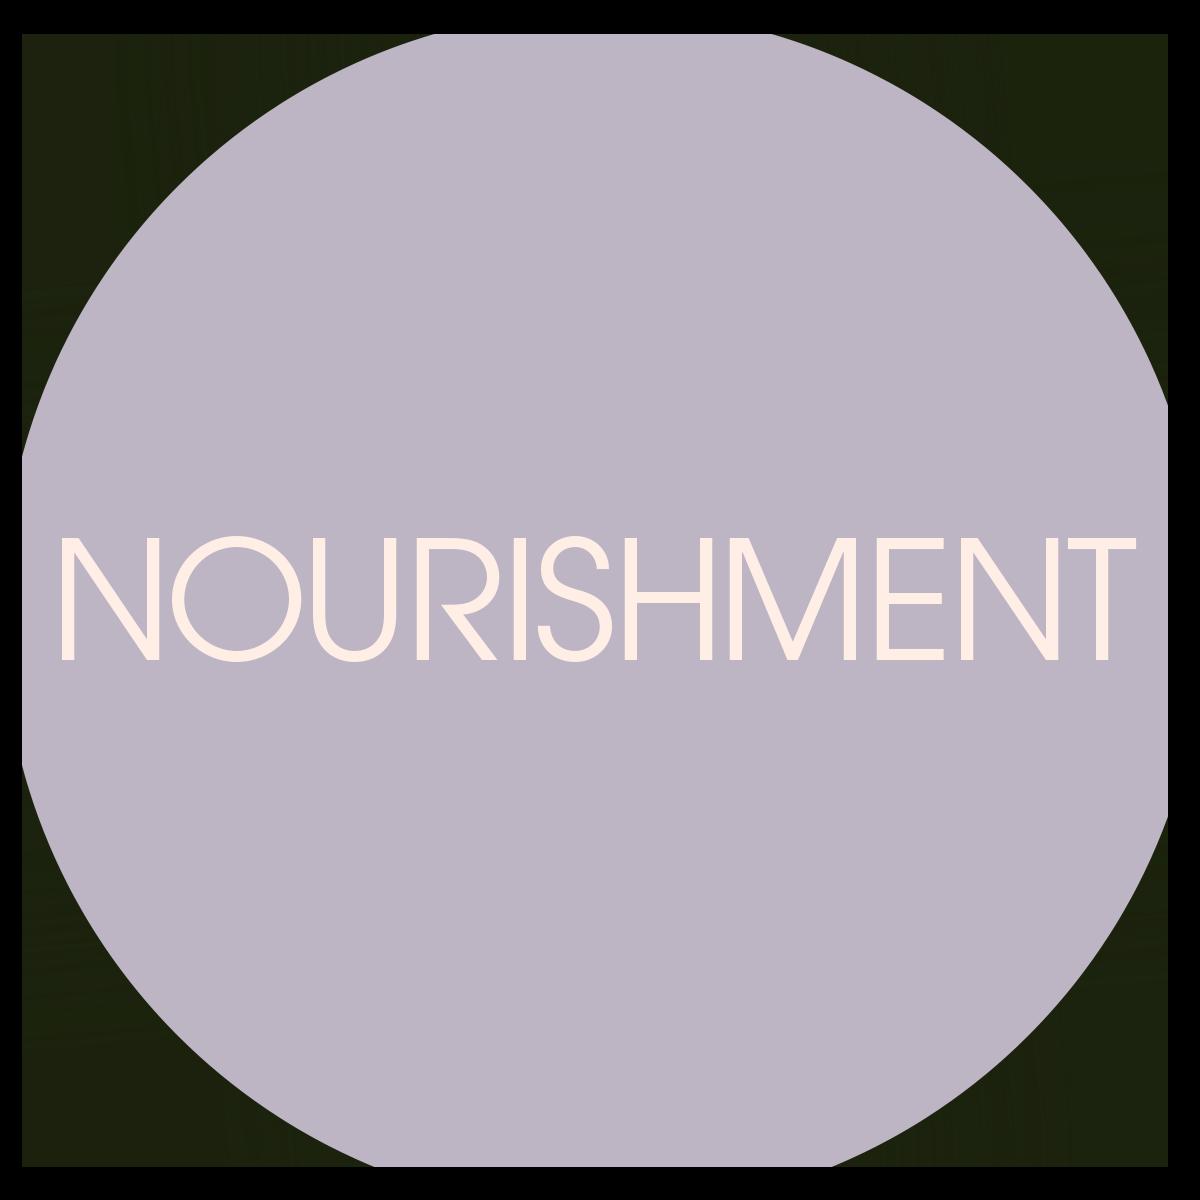 purple_buttons_nourishment.png